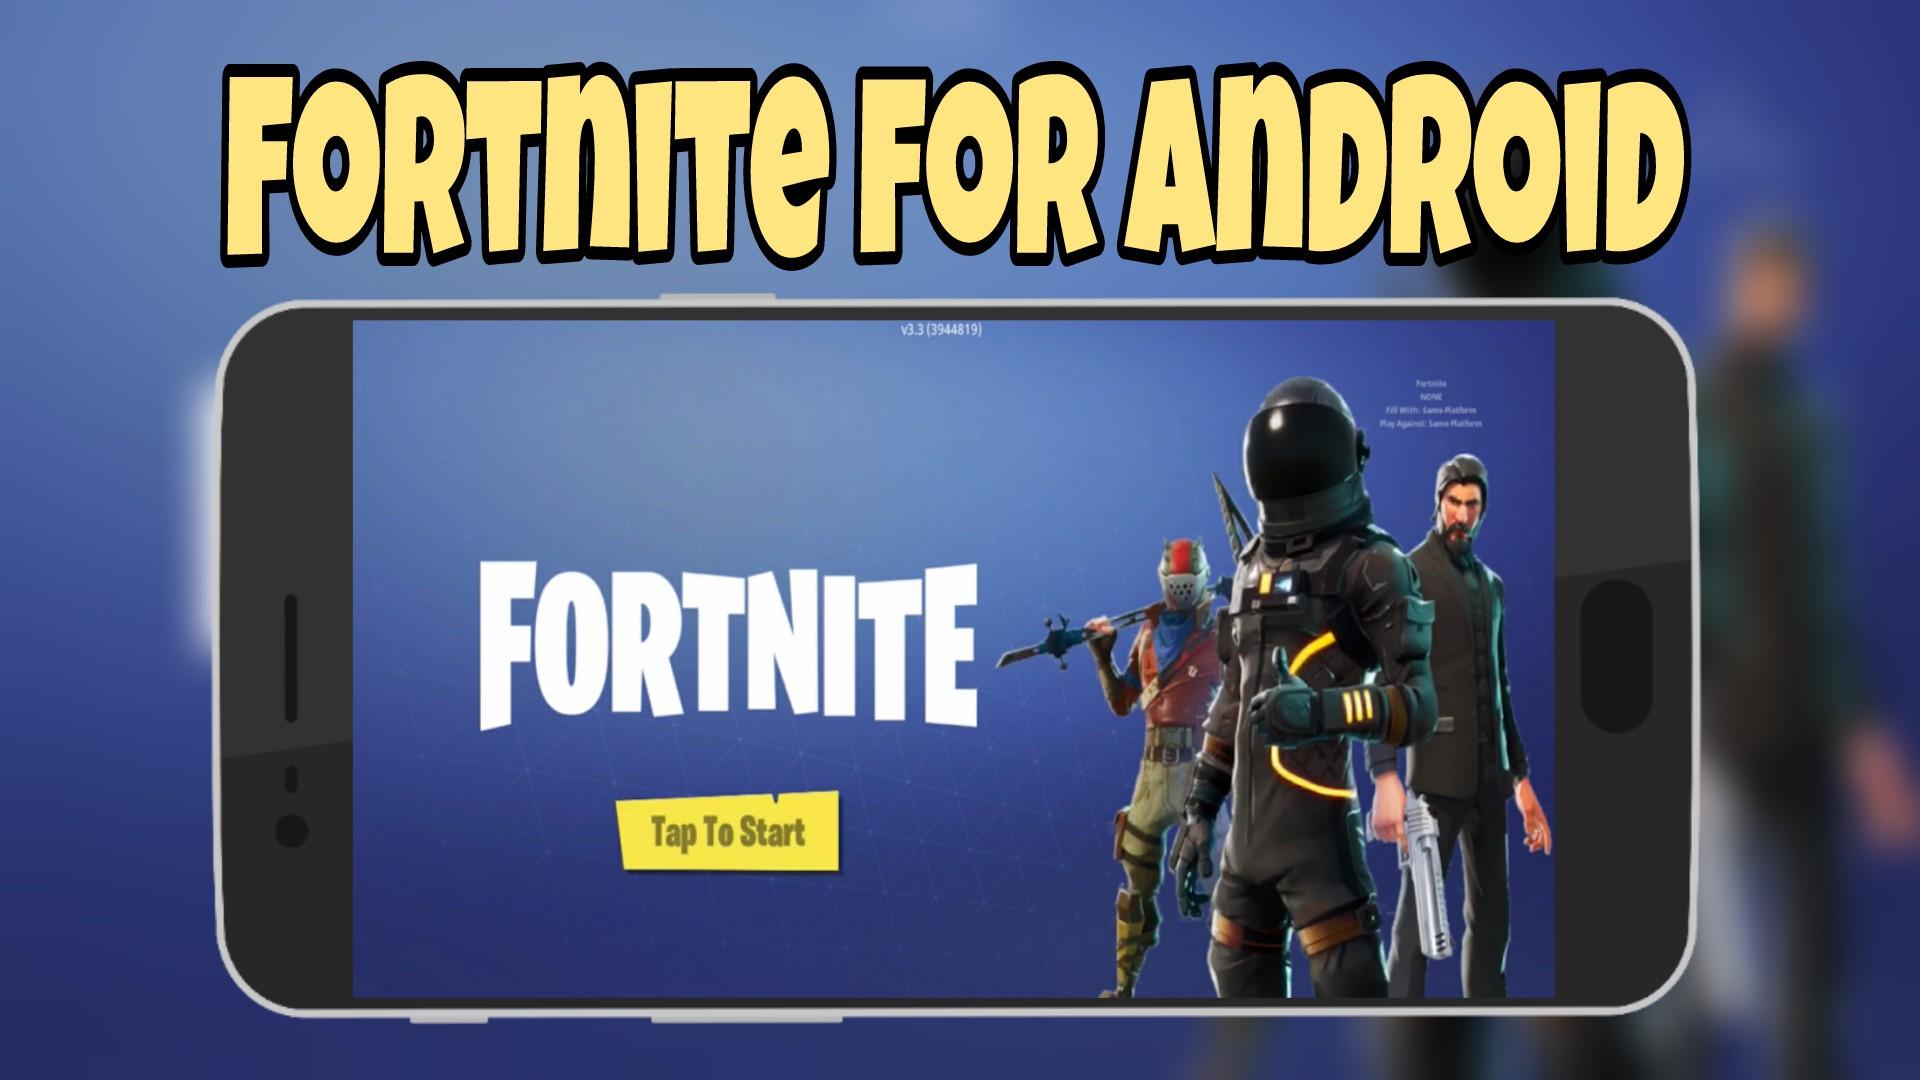 fortnite android beta installer apk